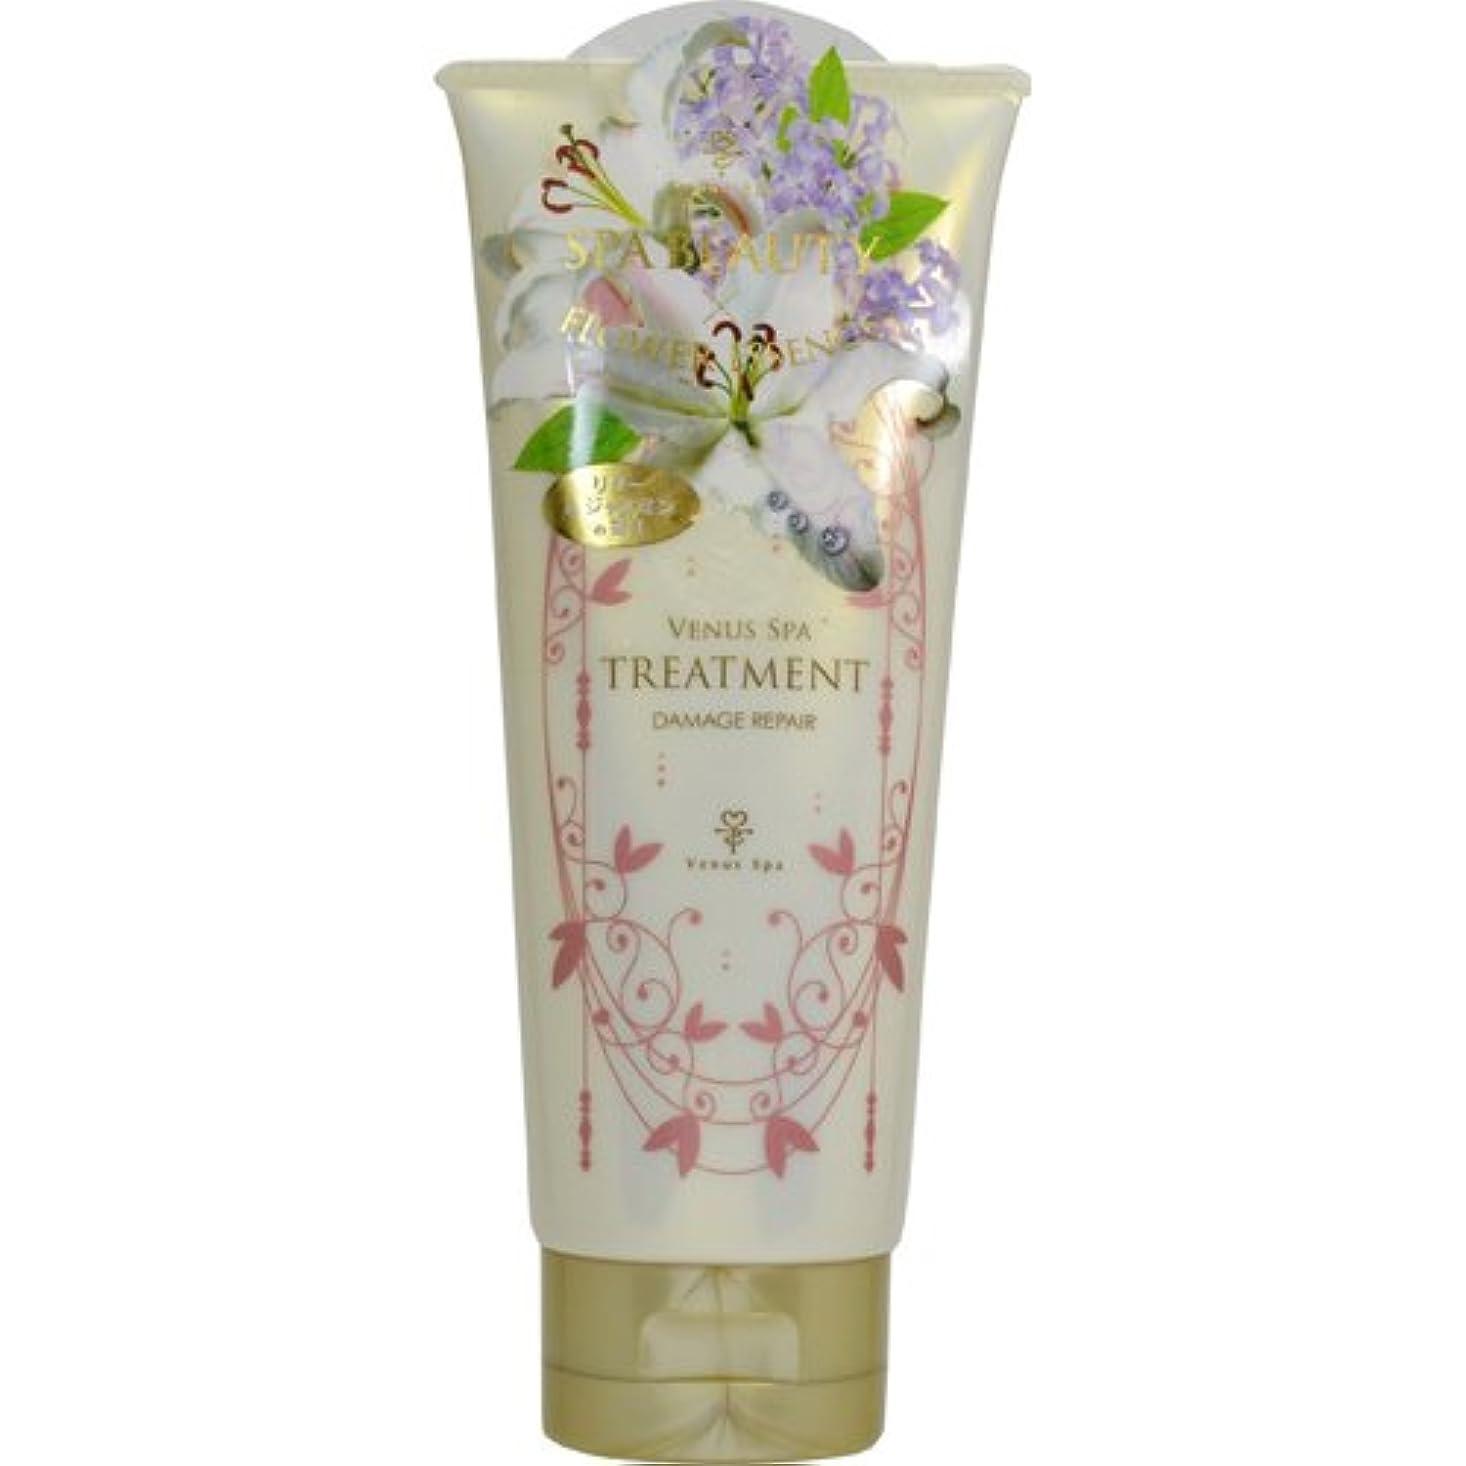 セラフ時奇妙なヴィーナススパ フレグランストリートメント リリー&ジャスミンの香り 200g (ノンシリコントリートメント)